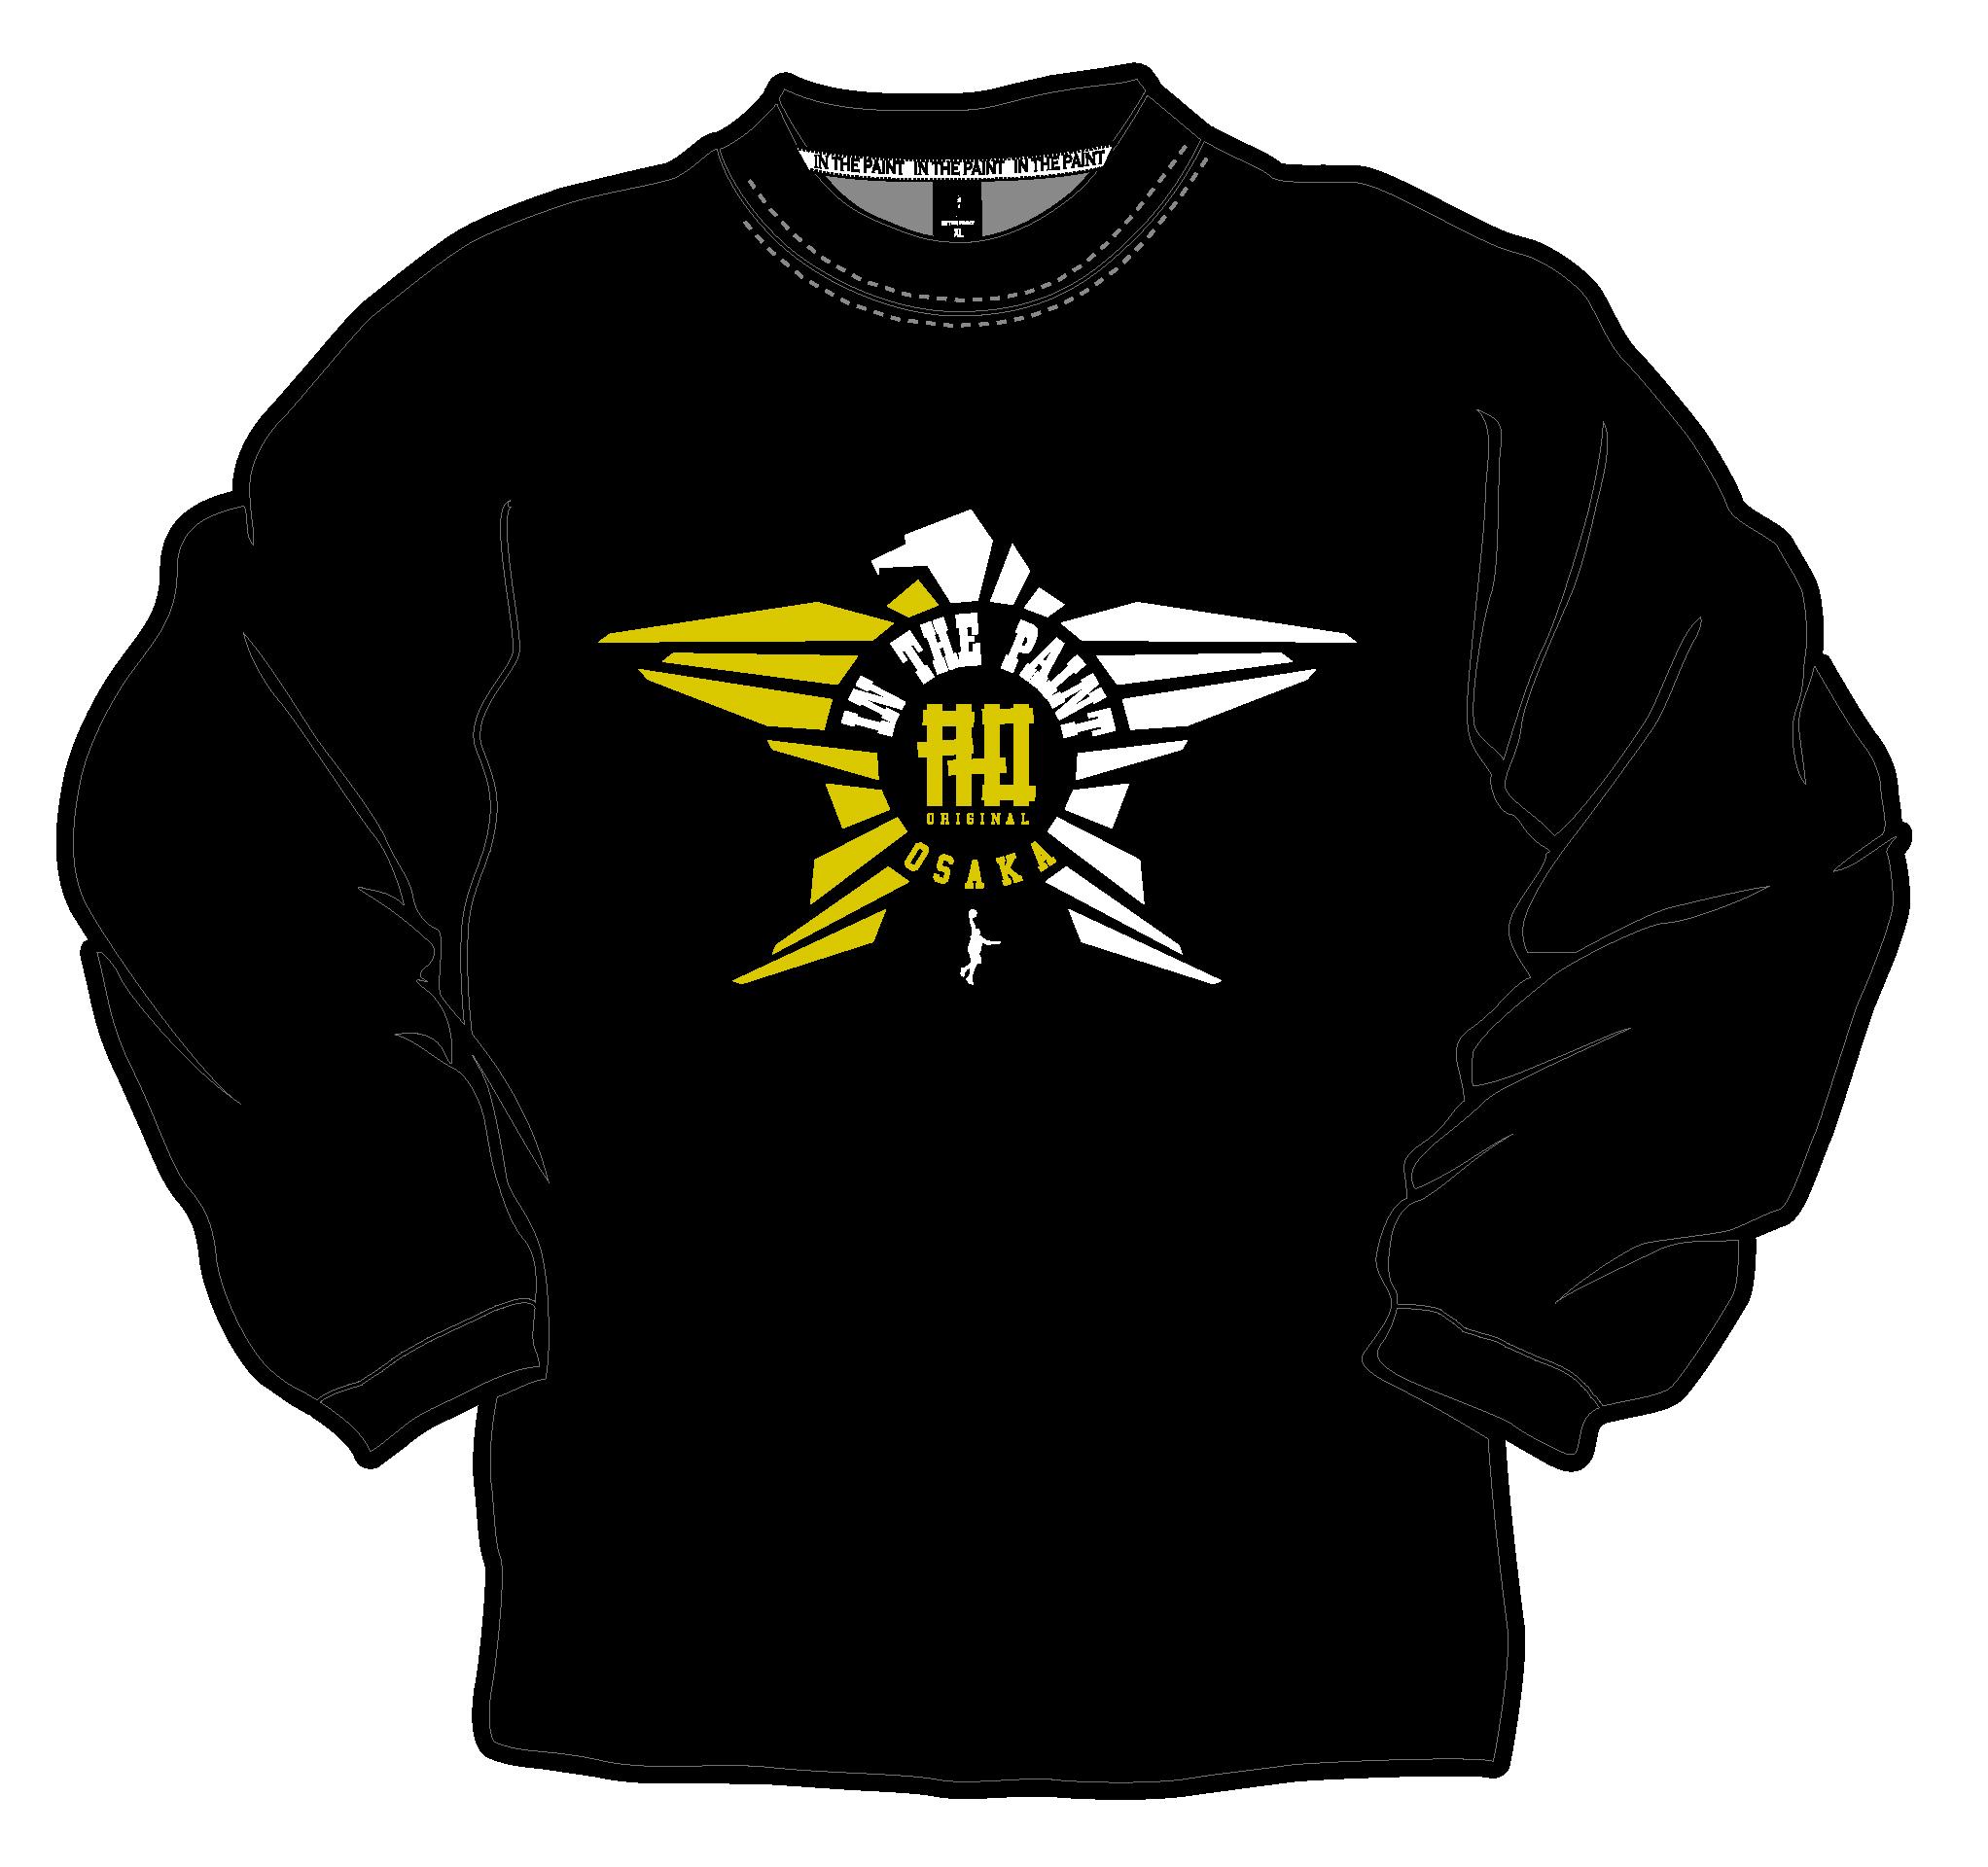 パワーハウス大阪オリジナルITPロングTシャツ BXBITP5002P